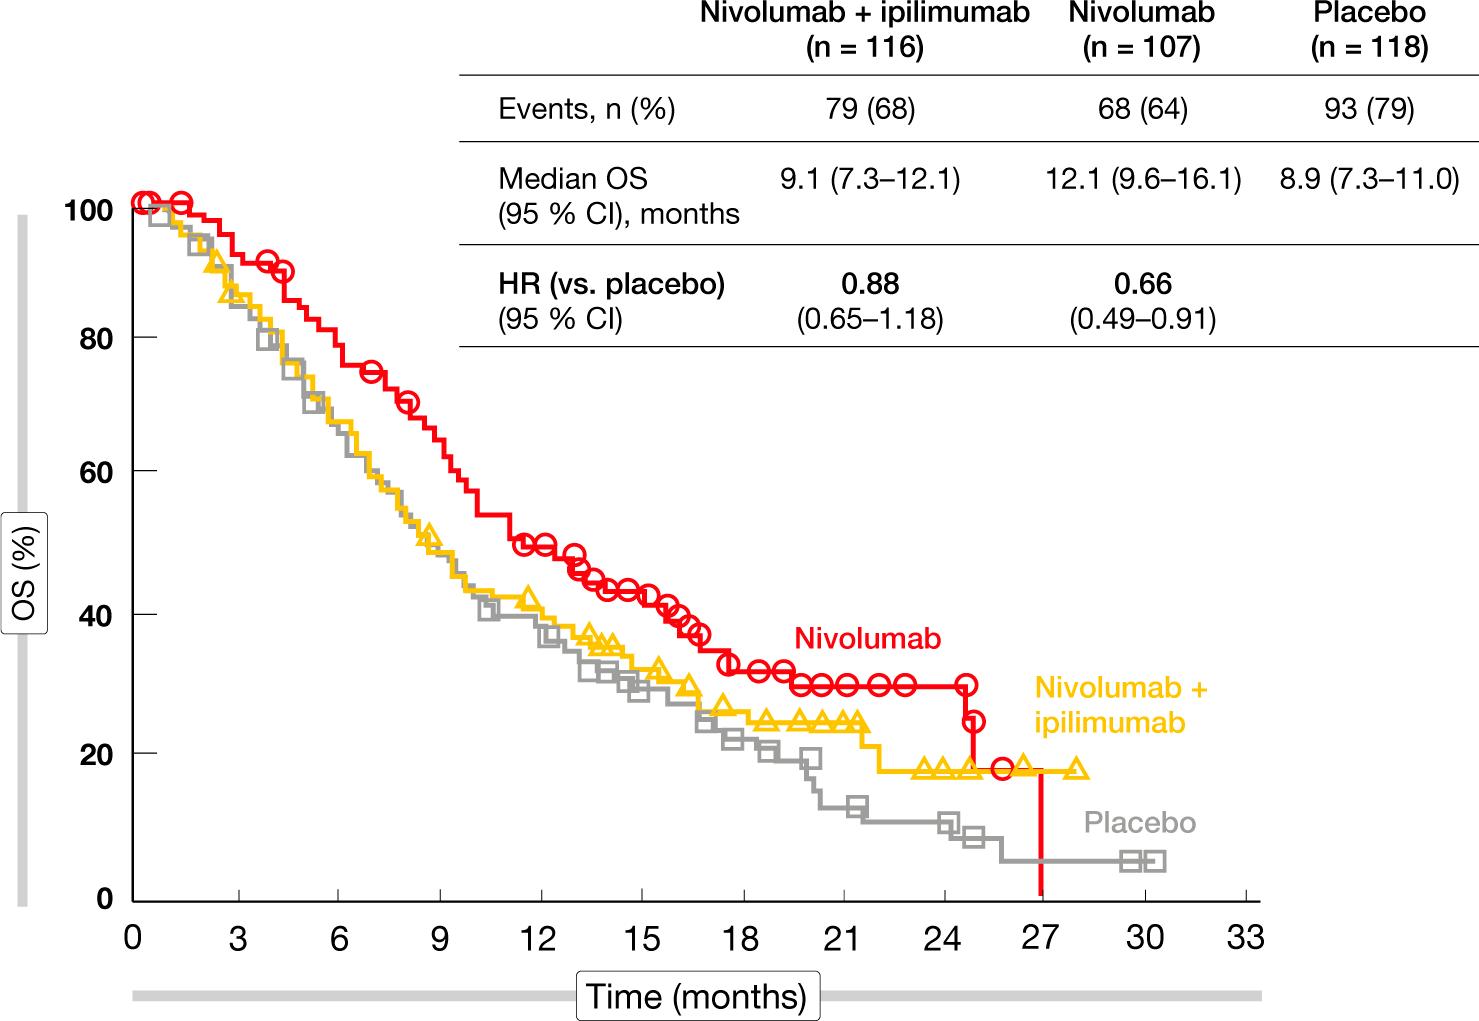 nct02538666 results - Мелкоклеточный рак легких: да поможет иммуноонкология